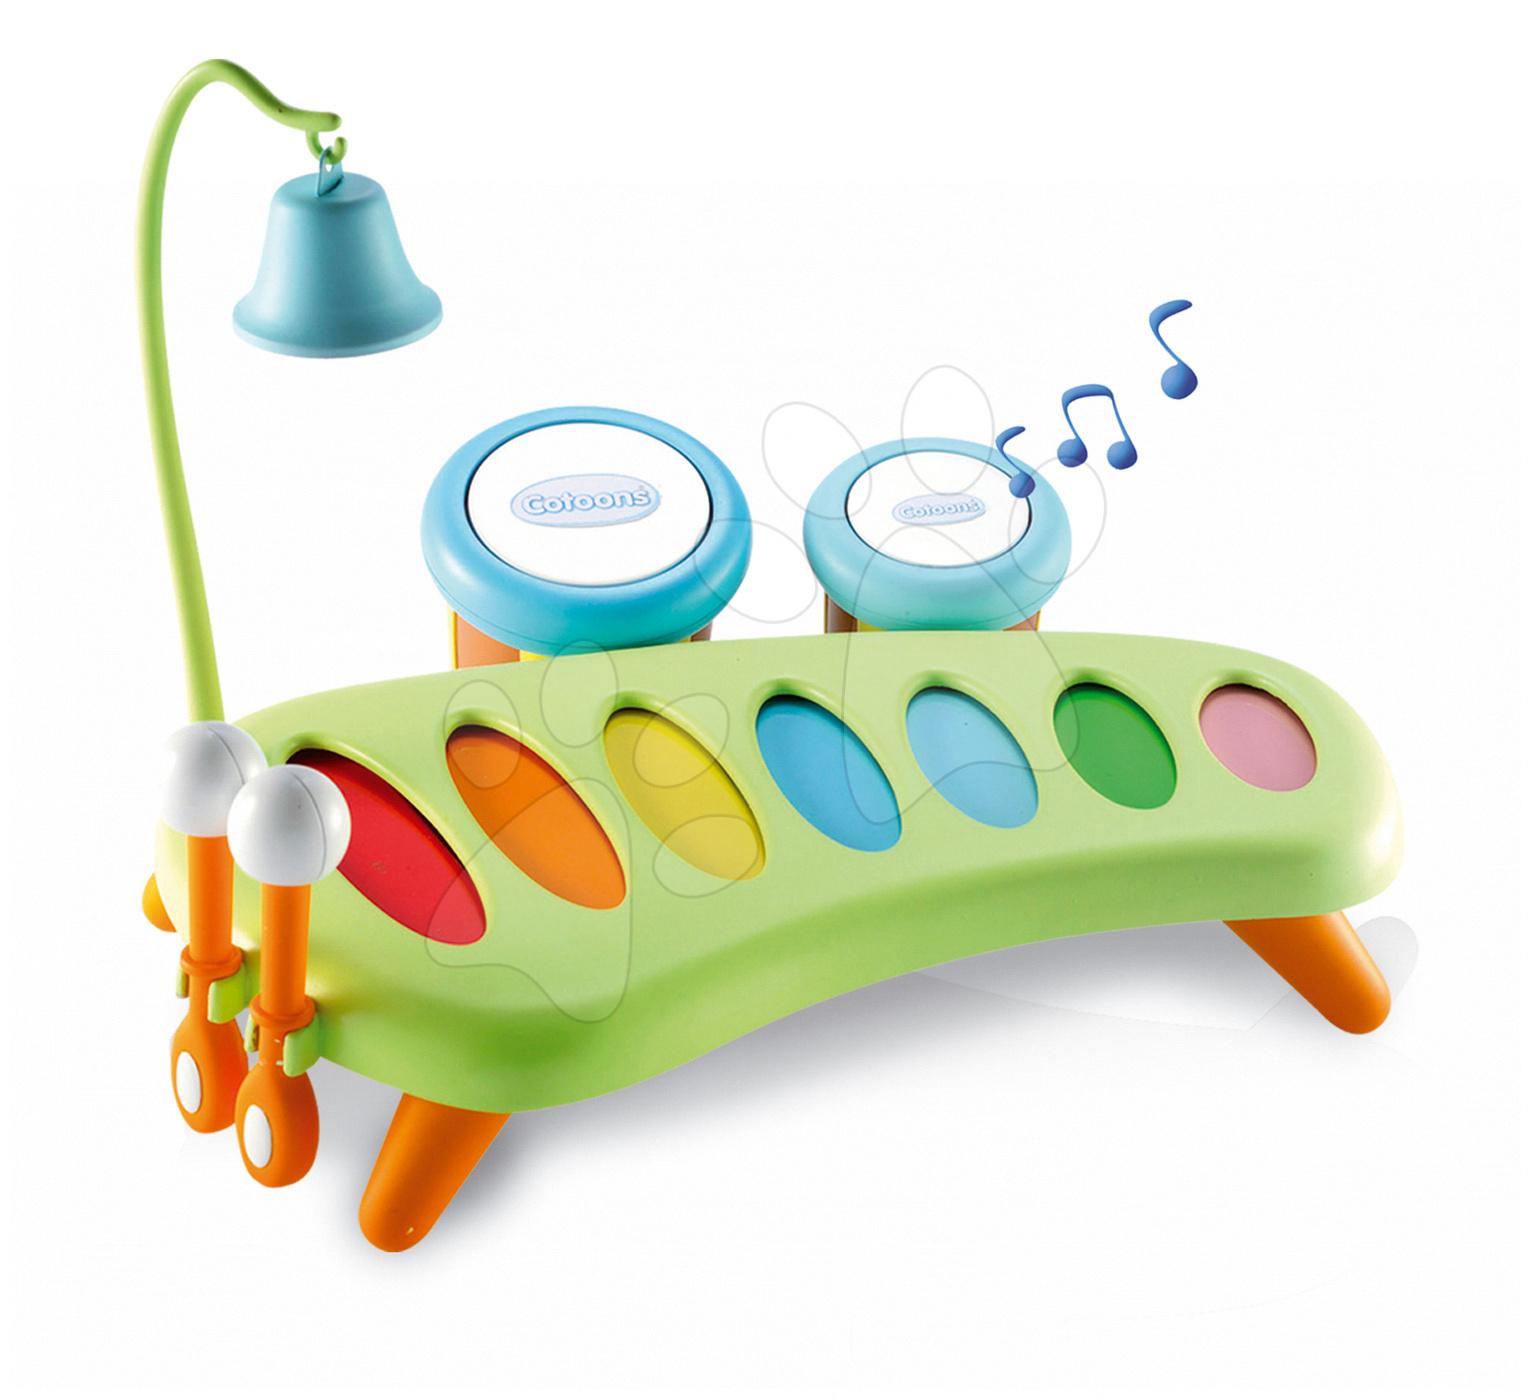 Hračky zvukové - Hudební xylofon Cotoons Smoby s bubny a zvonkem od 12 měsíců